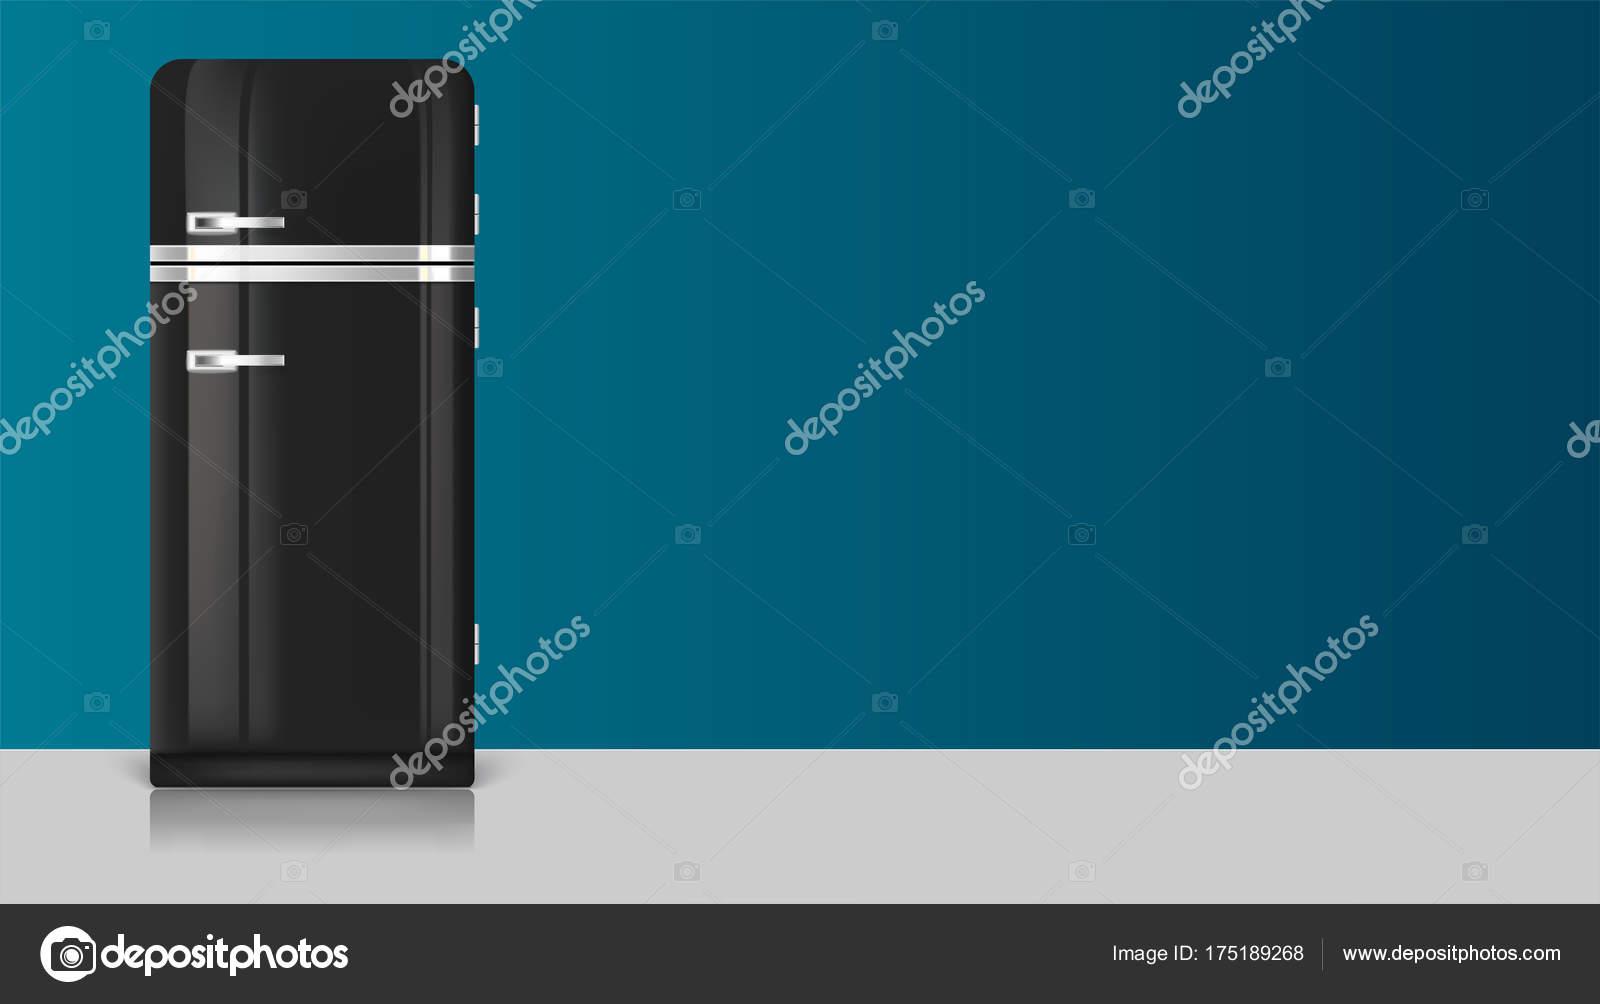 Kühlschrank Usa Retro : Realistische vintage schwarz kühlschrank symbol. vorlage mit retro